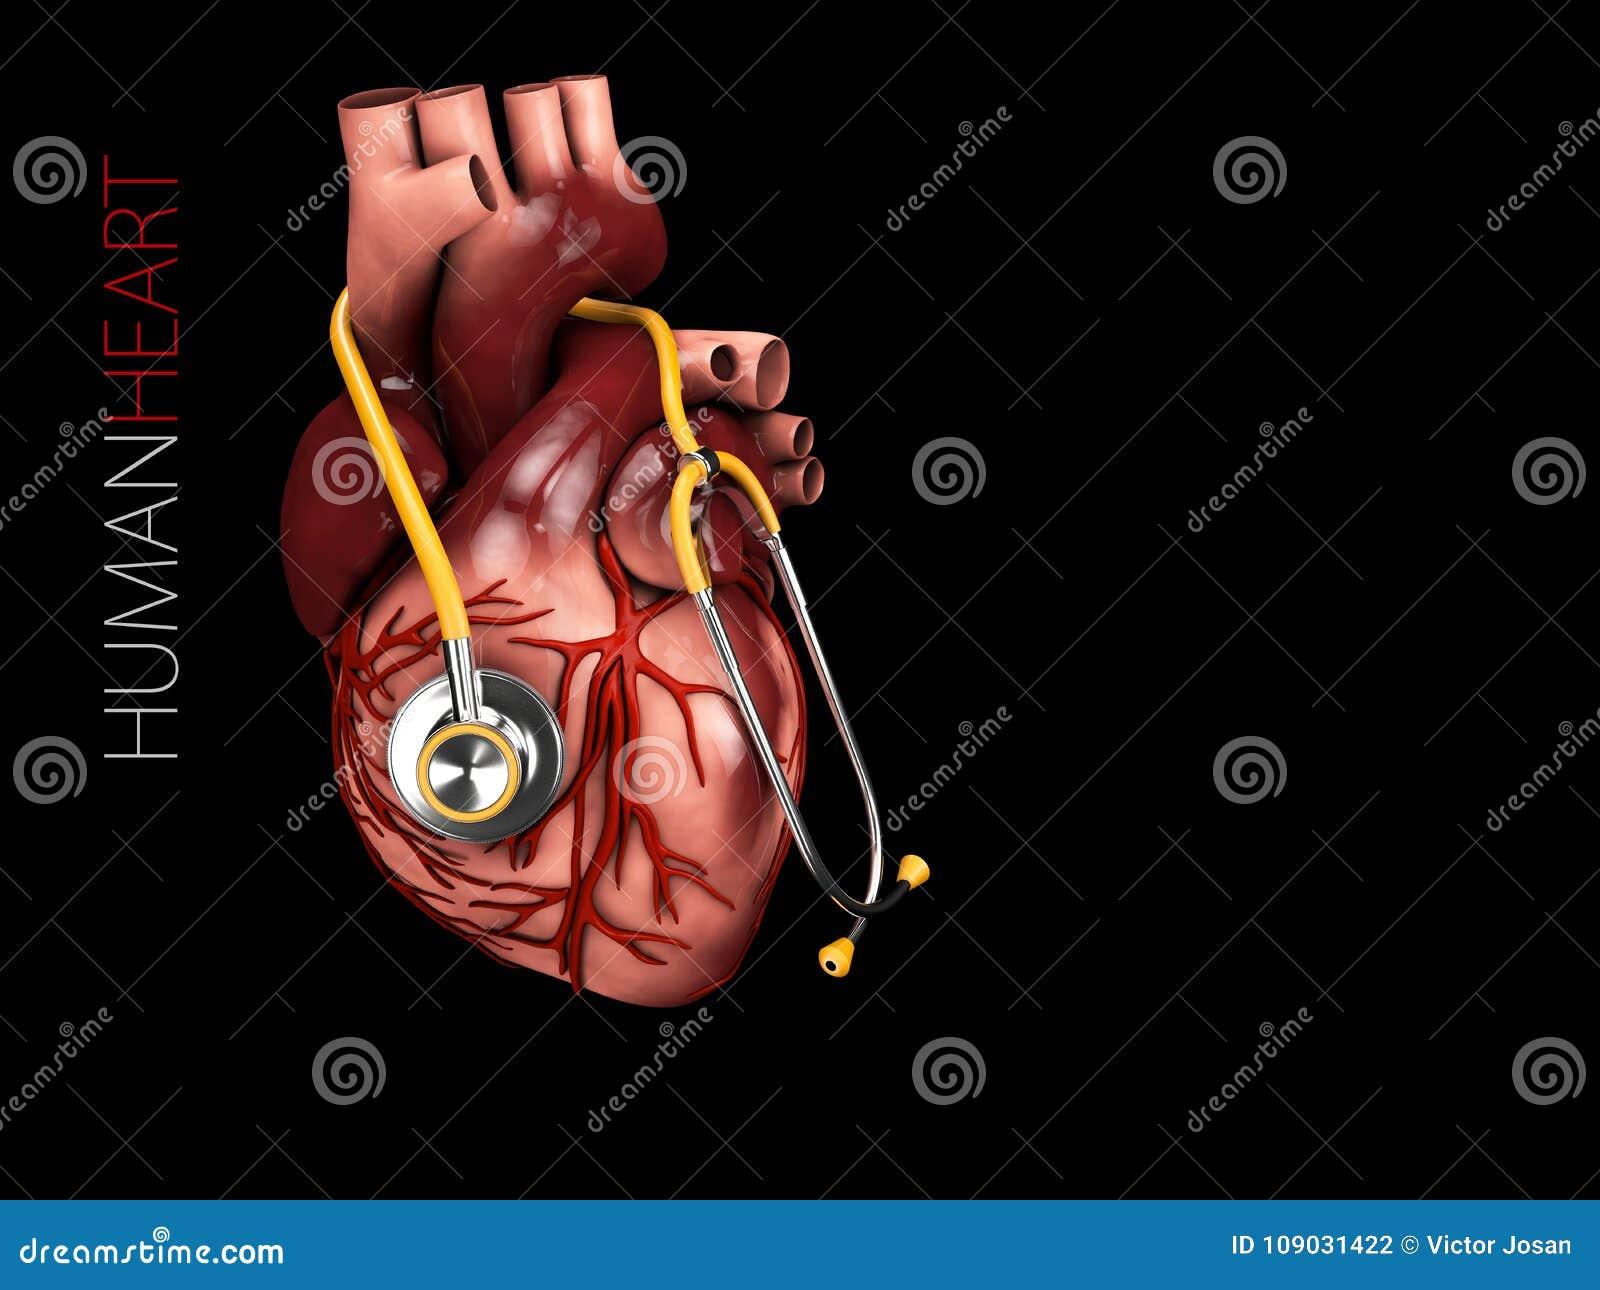 τρισδιάστατη απεικόνιση της ανθρώπινης ανατομίας καρδιών με το στηθοσκόπιο Σύμβολο οργάνων Απομονωμένος στη μαύρη ανασκόπηση